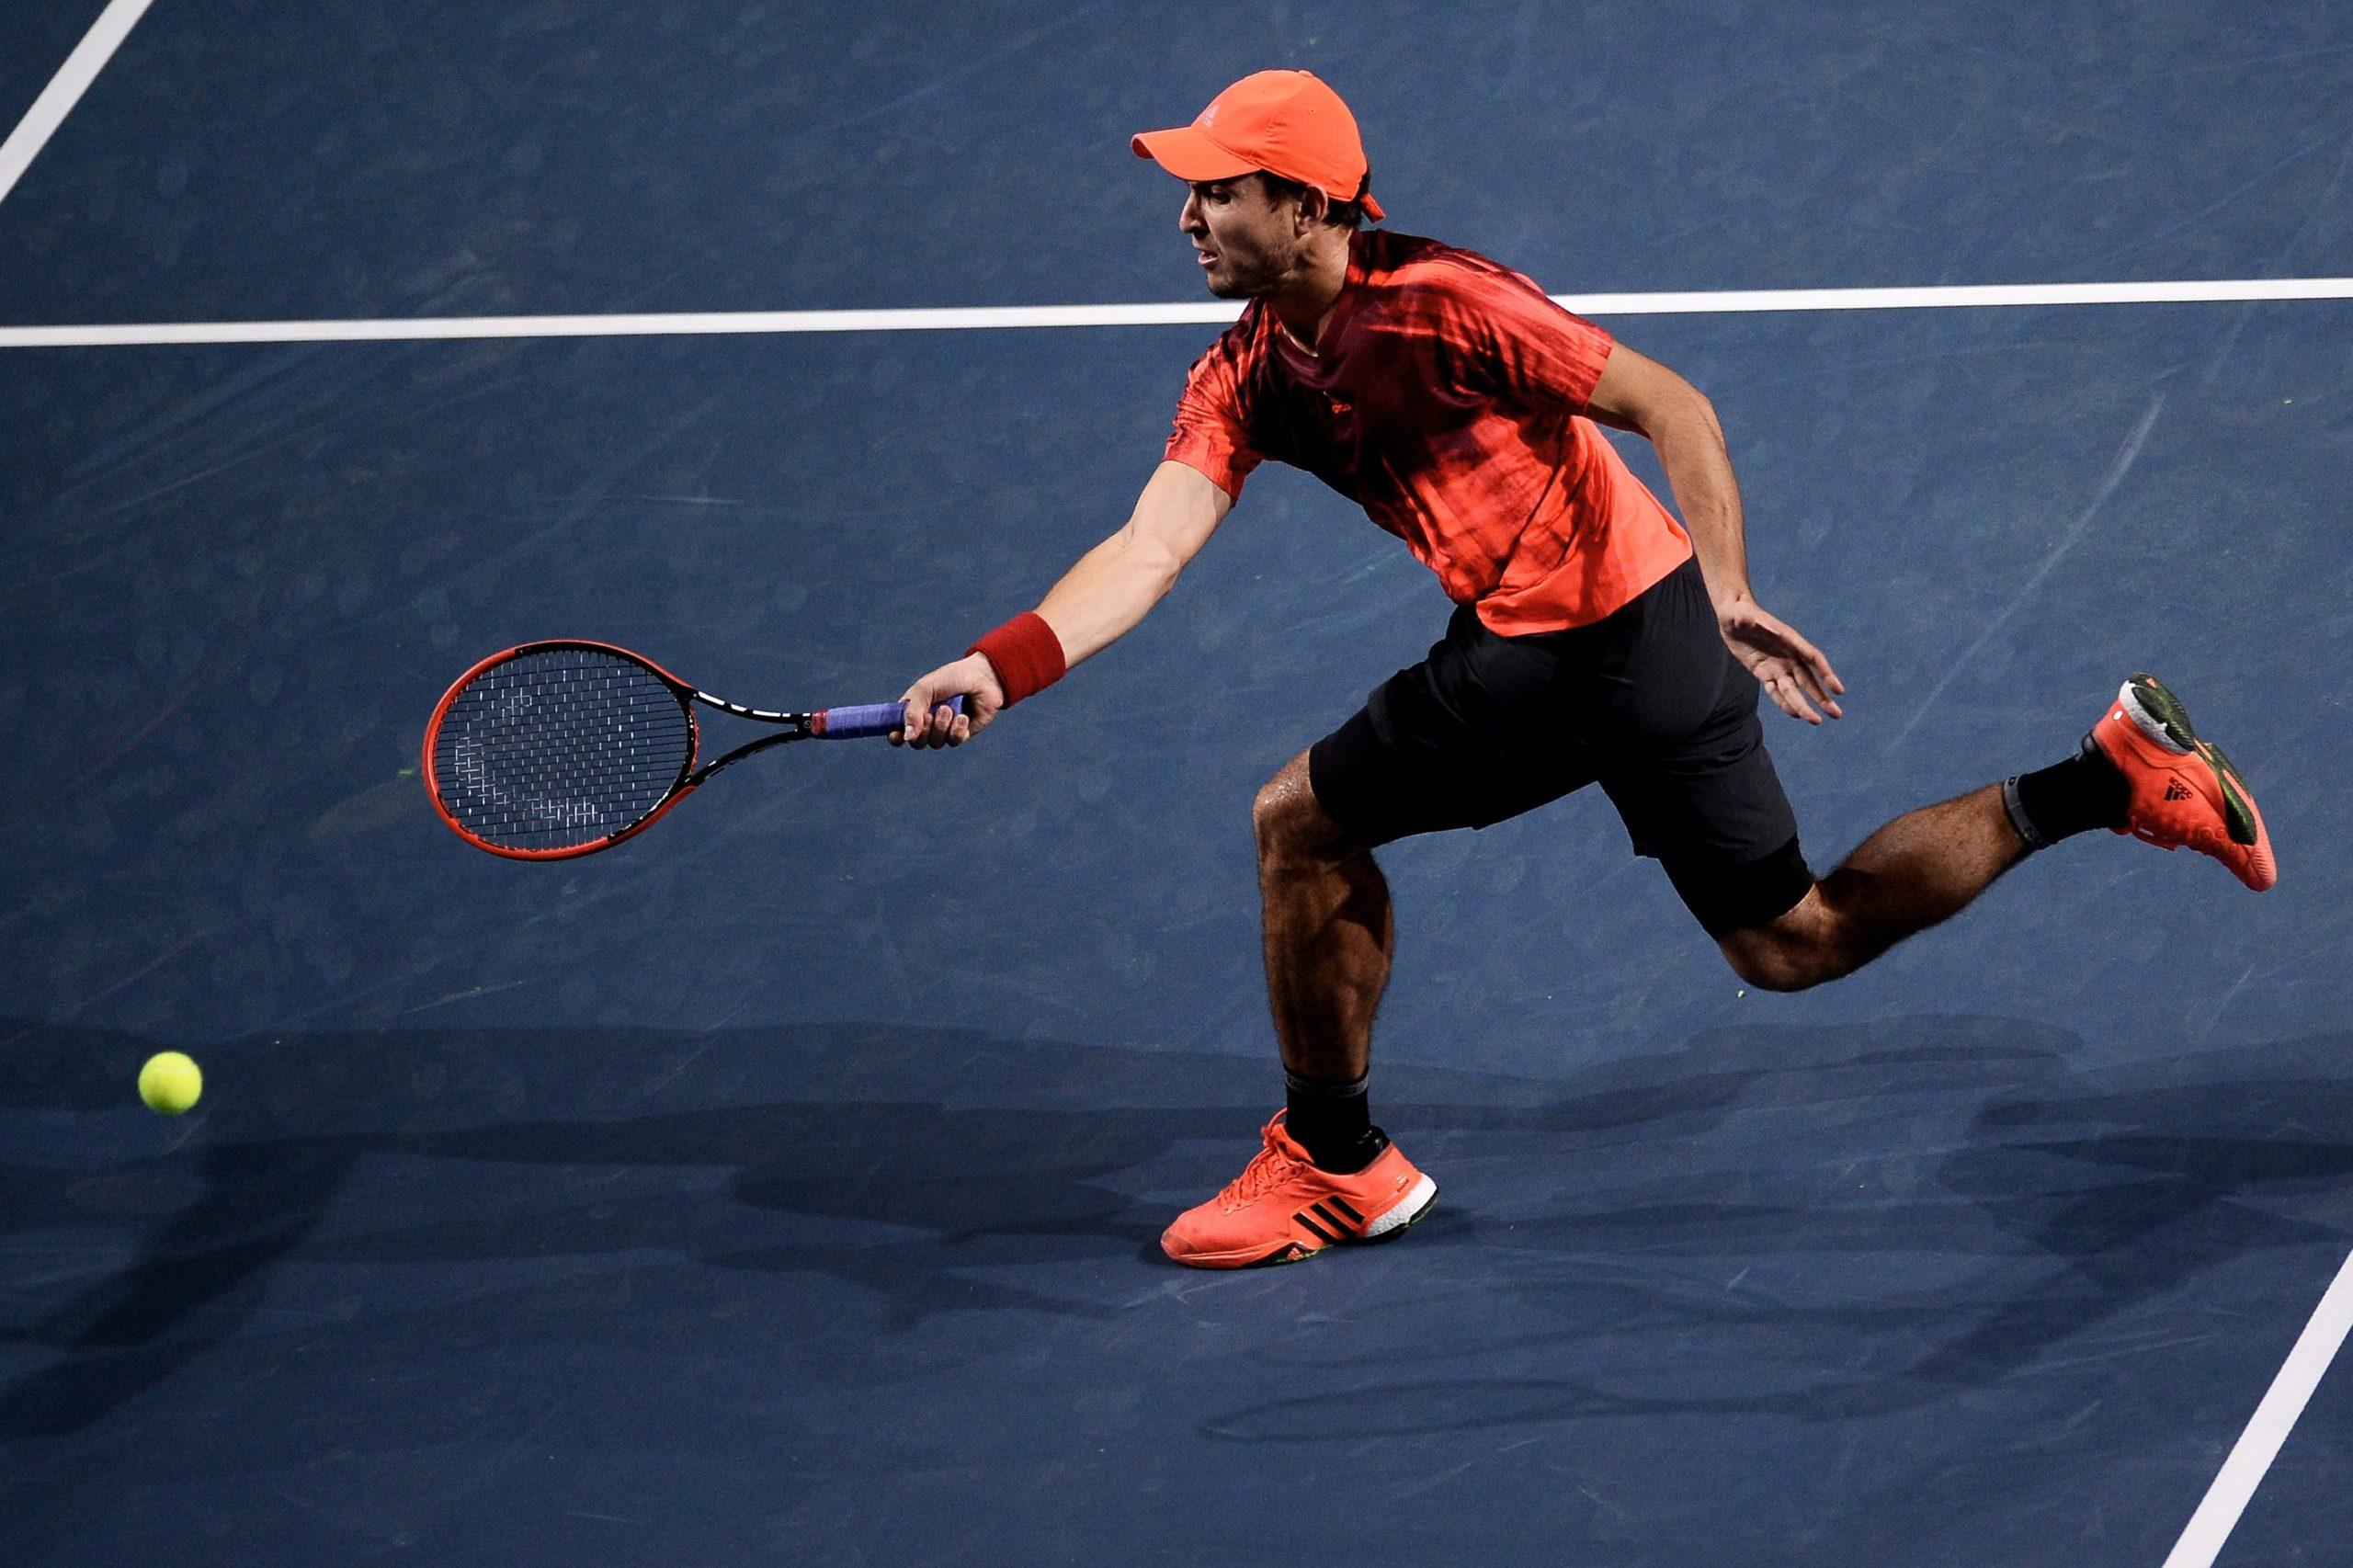 Теннисист Аслан Карацев выступит на Олимпиаде в Токио